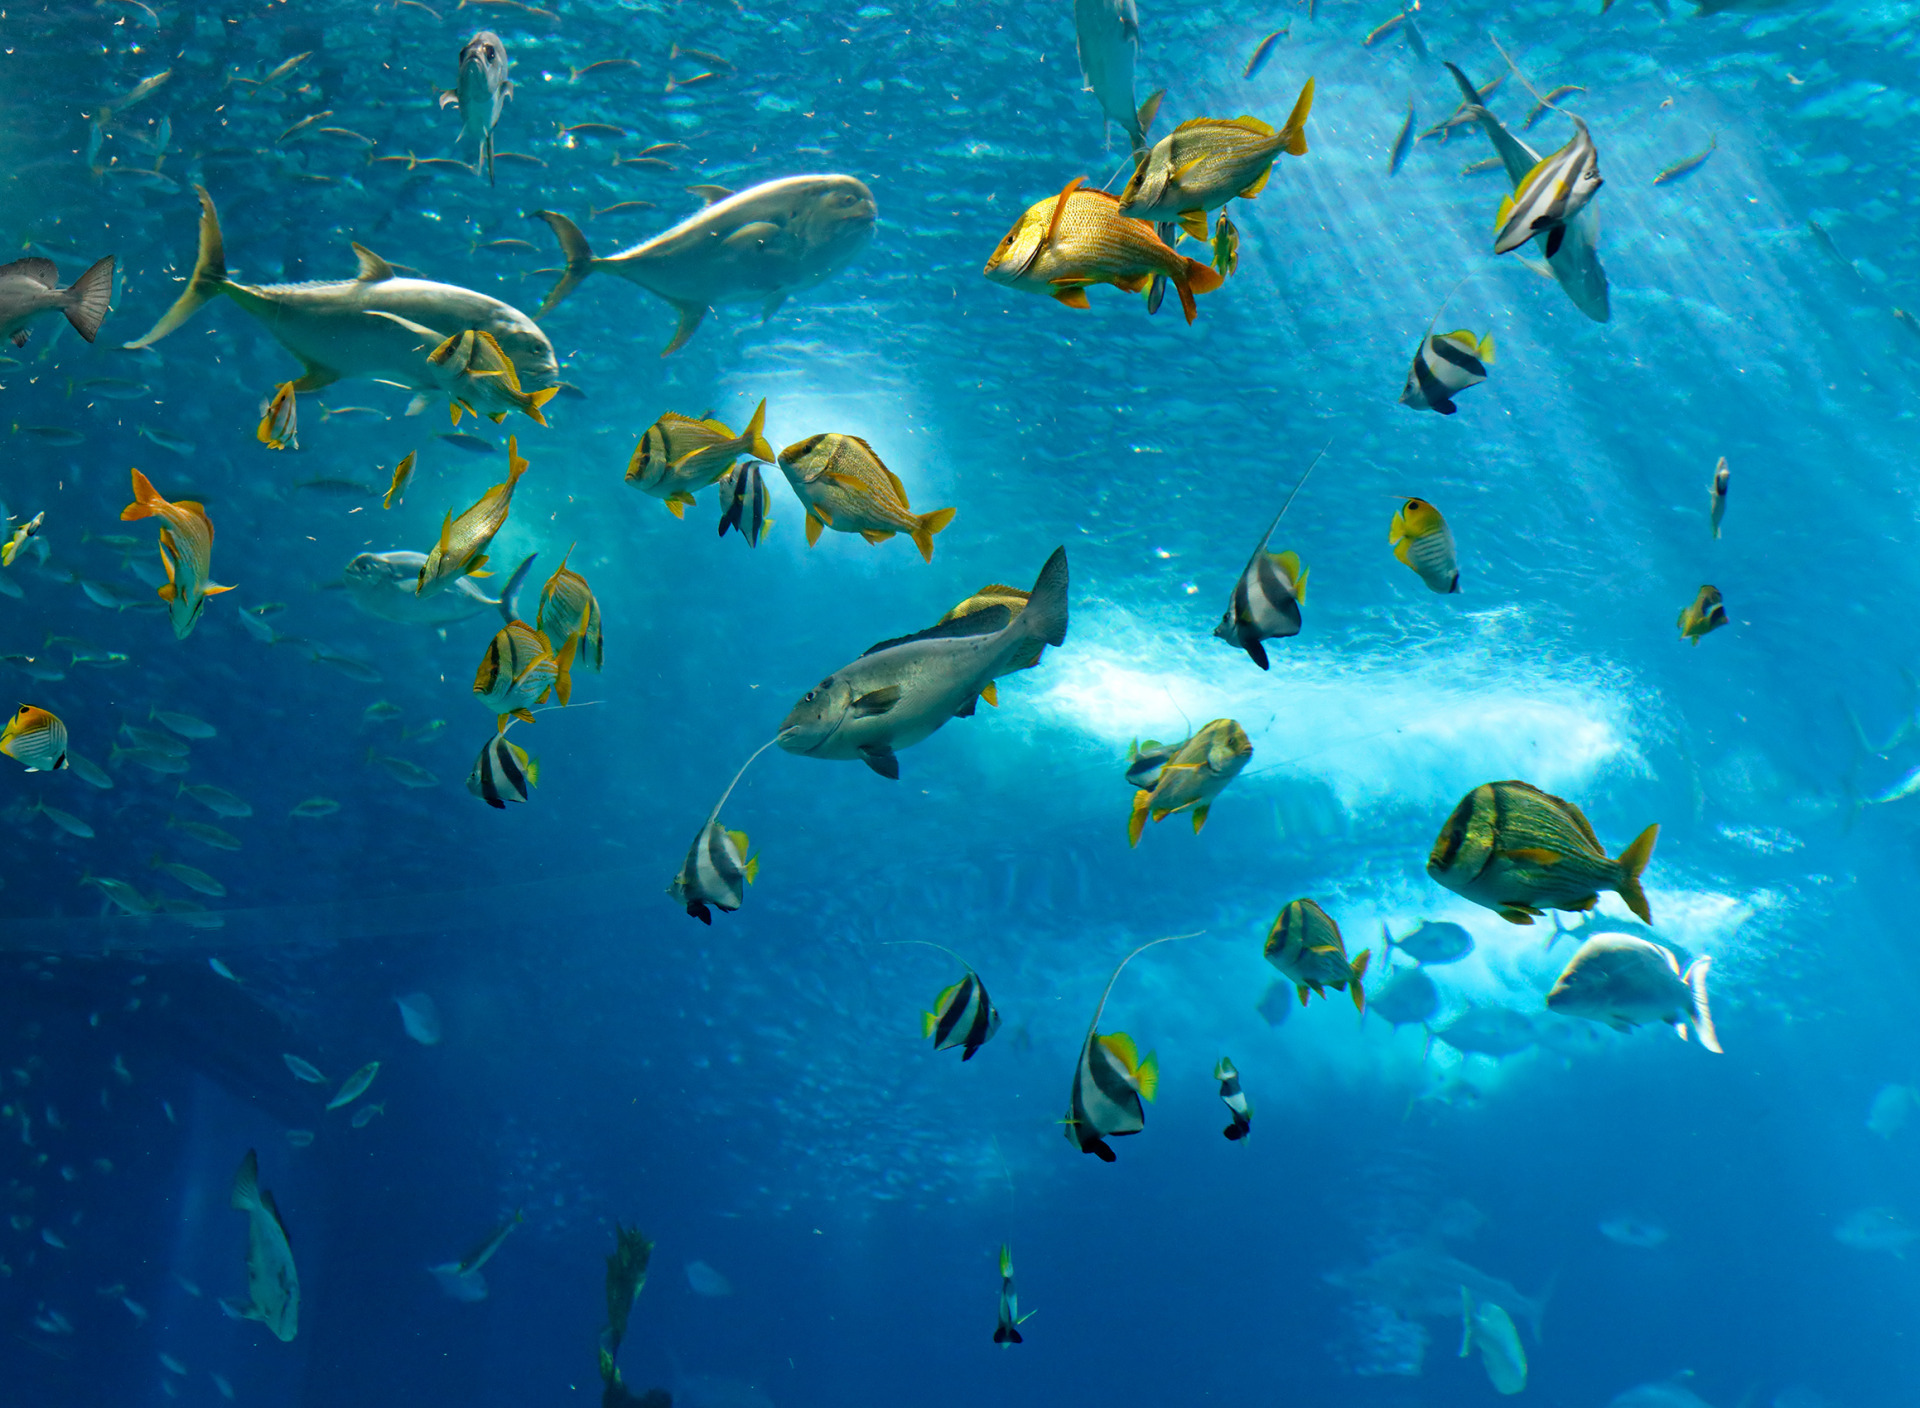 сложилось, картинка рыбы плавают в воде соус чуть закончился